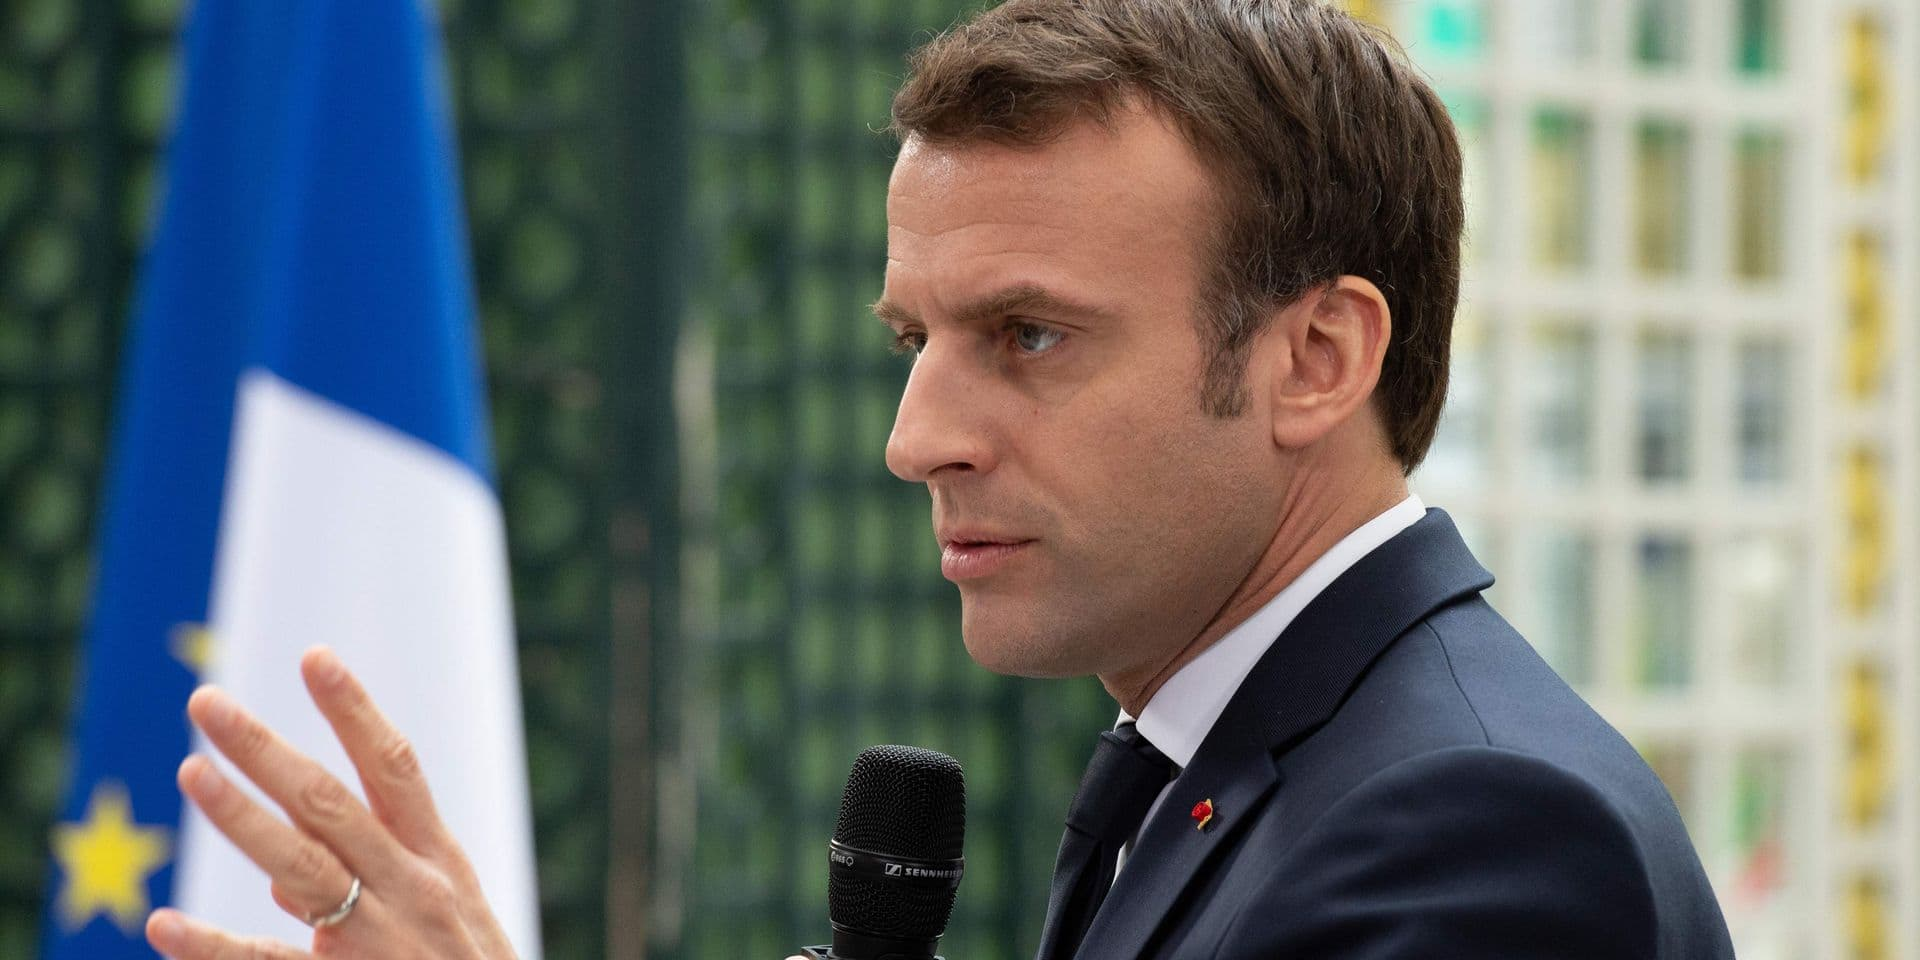 """Pour Macron, le mouvement des """"gilets jaunes"""" devient """"incompréhensible"""" aux yeux des Français"""